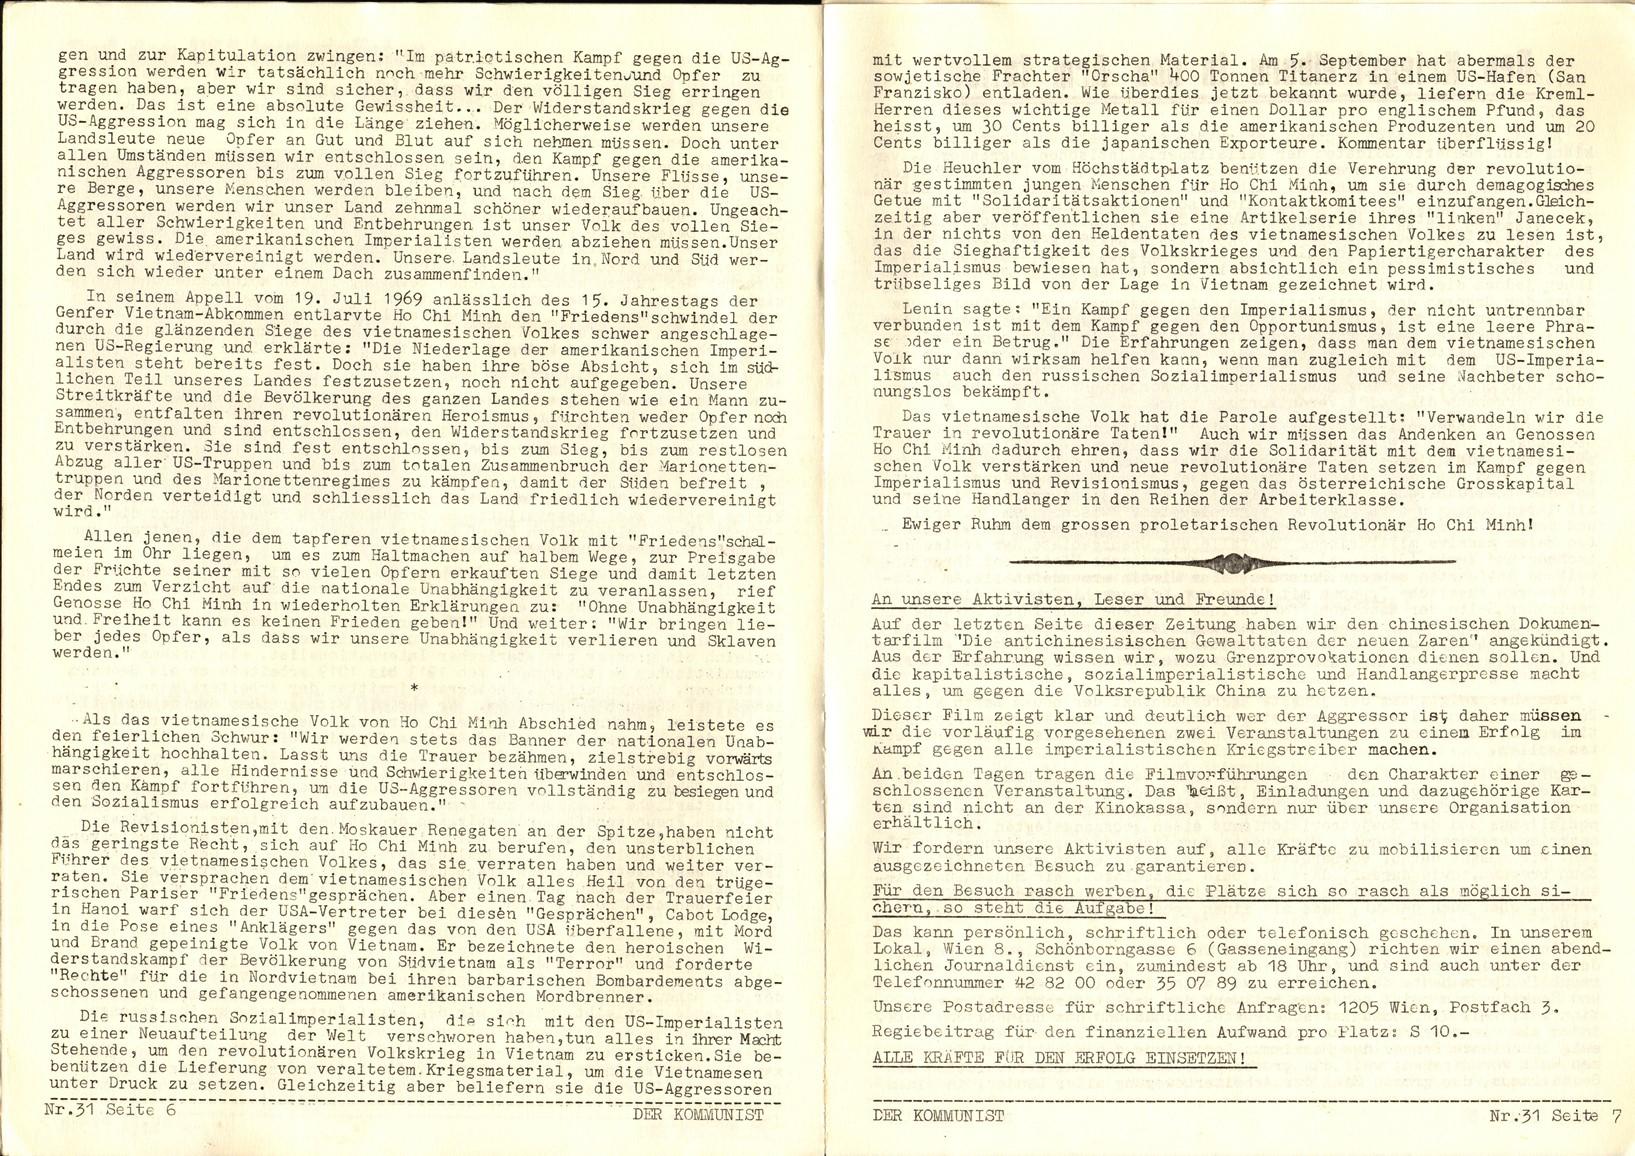 VRA_Der_Kommunist_19690900_04